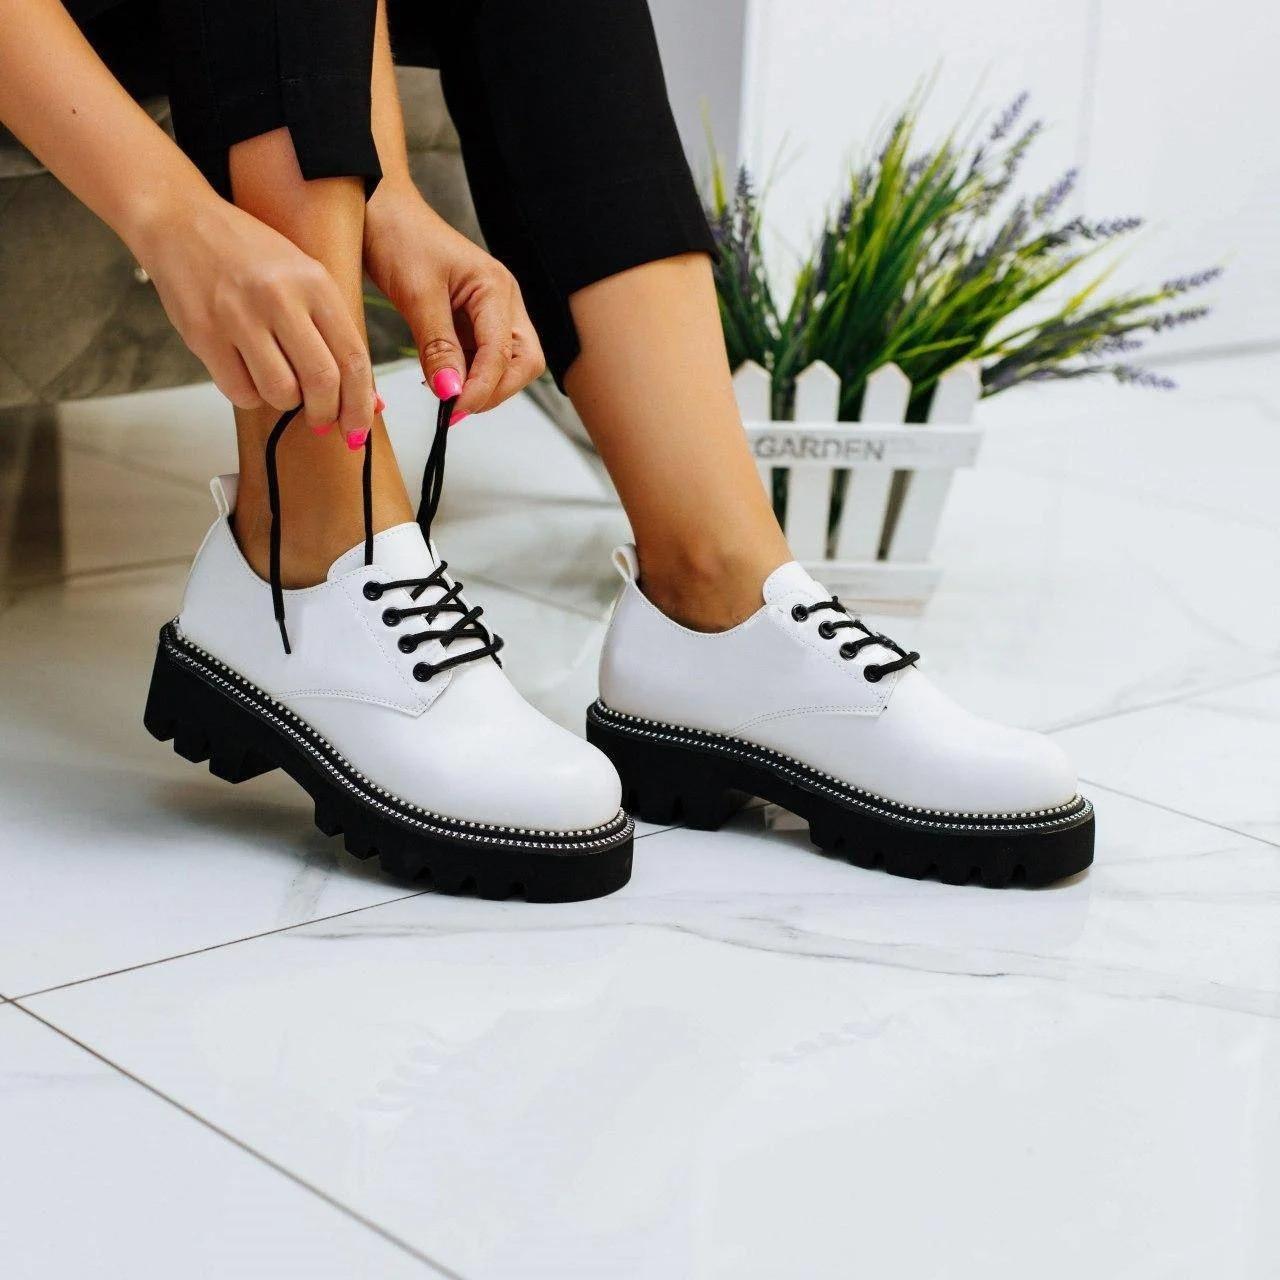 Жіночі туфлі на шнурівці в шкірі(Заміри надаємо)